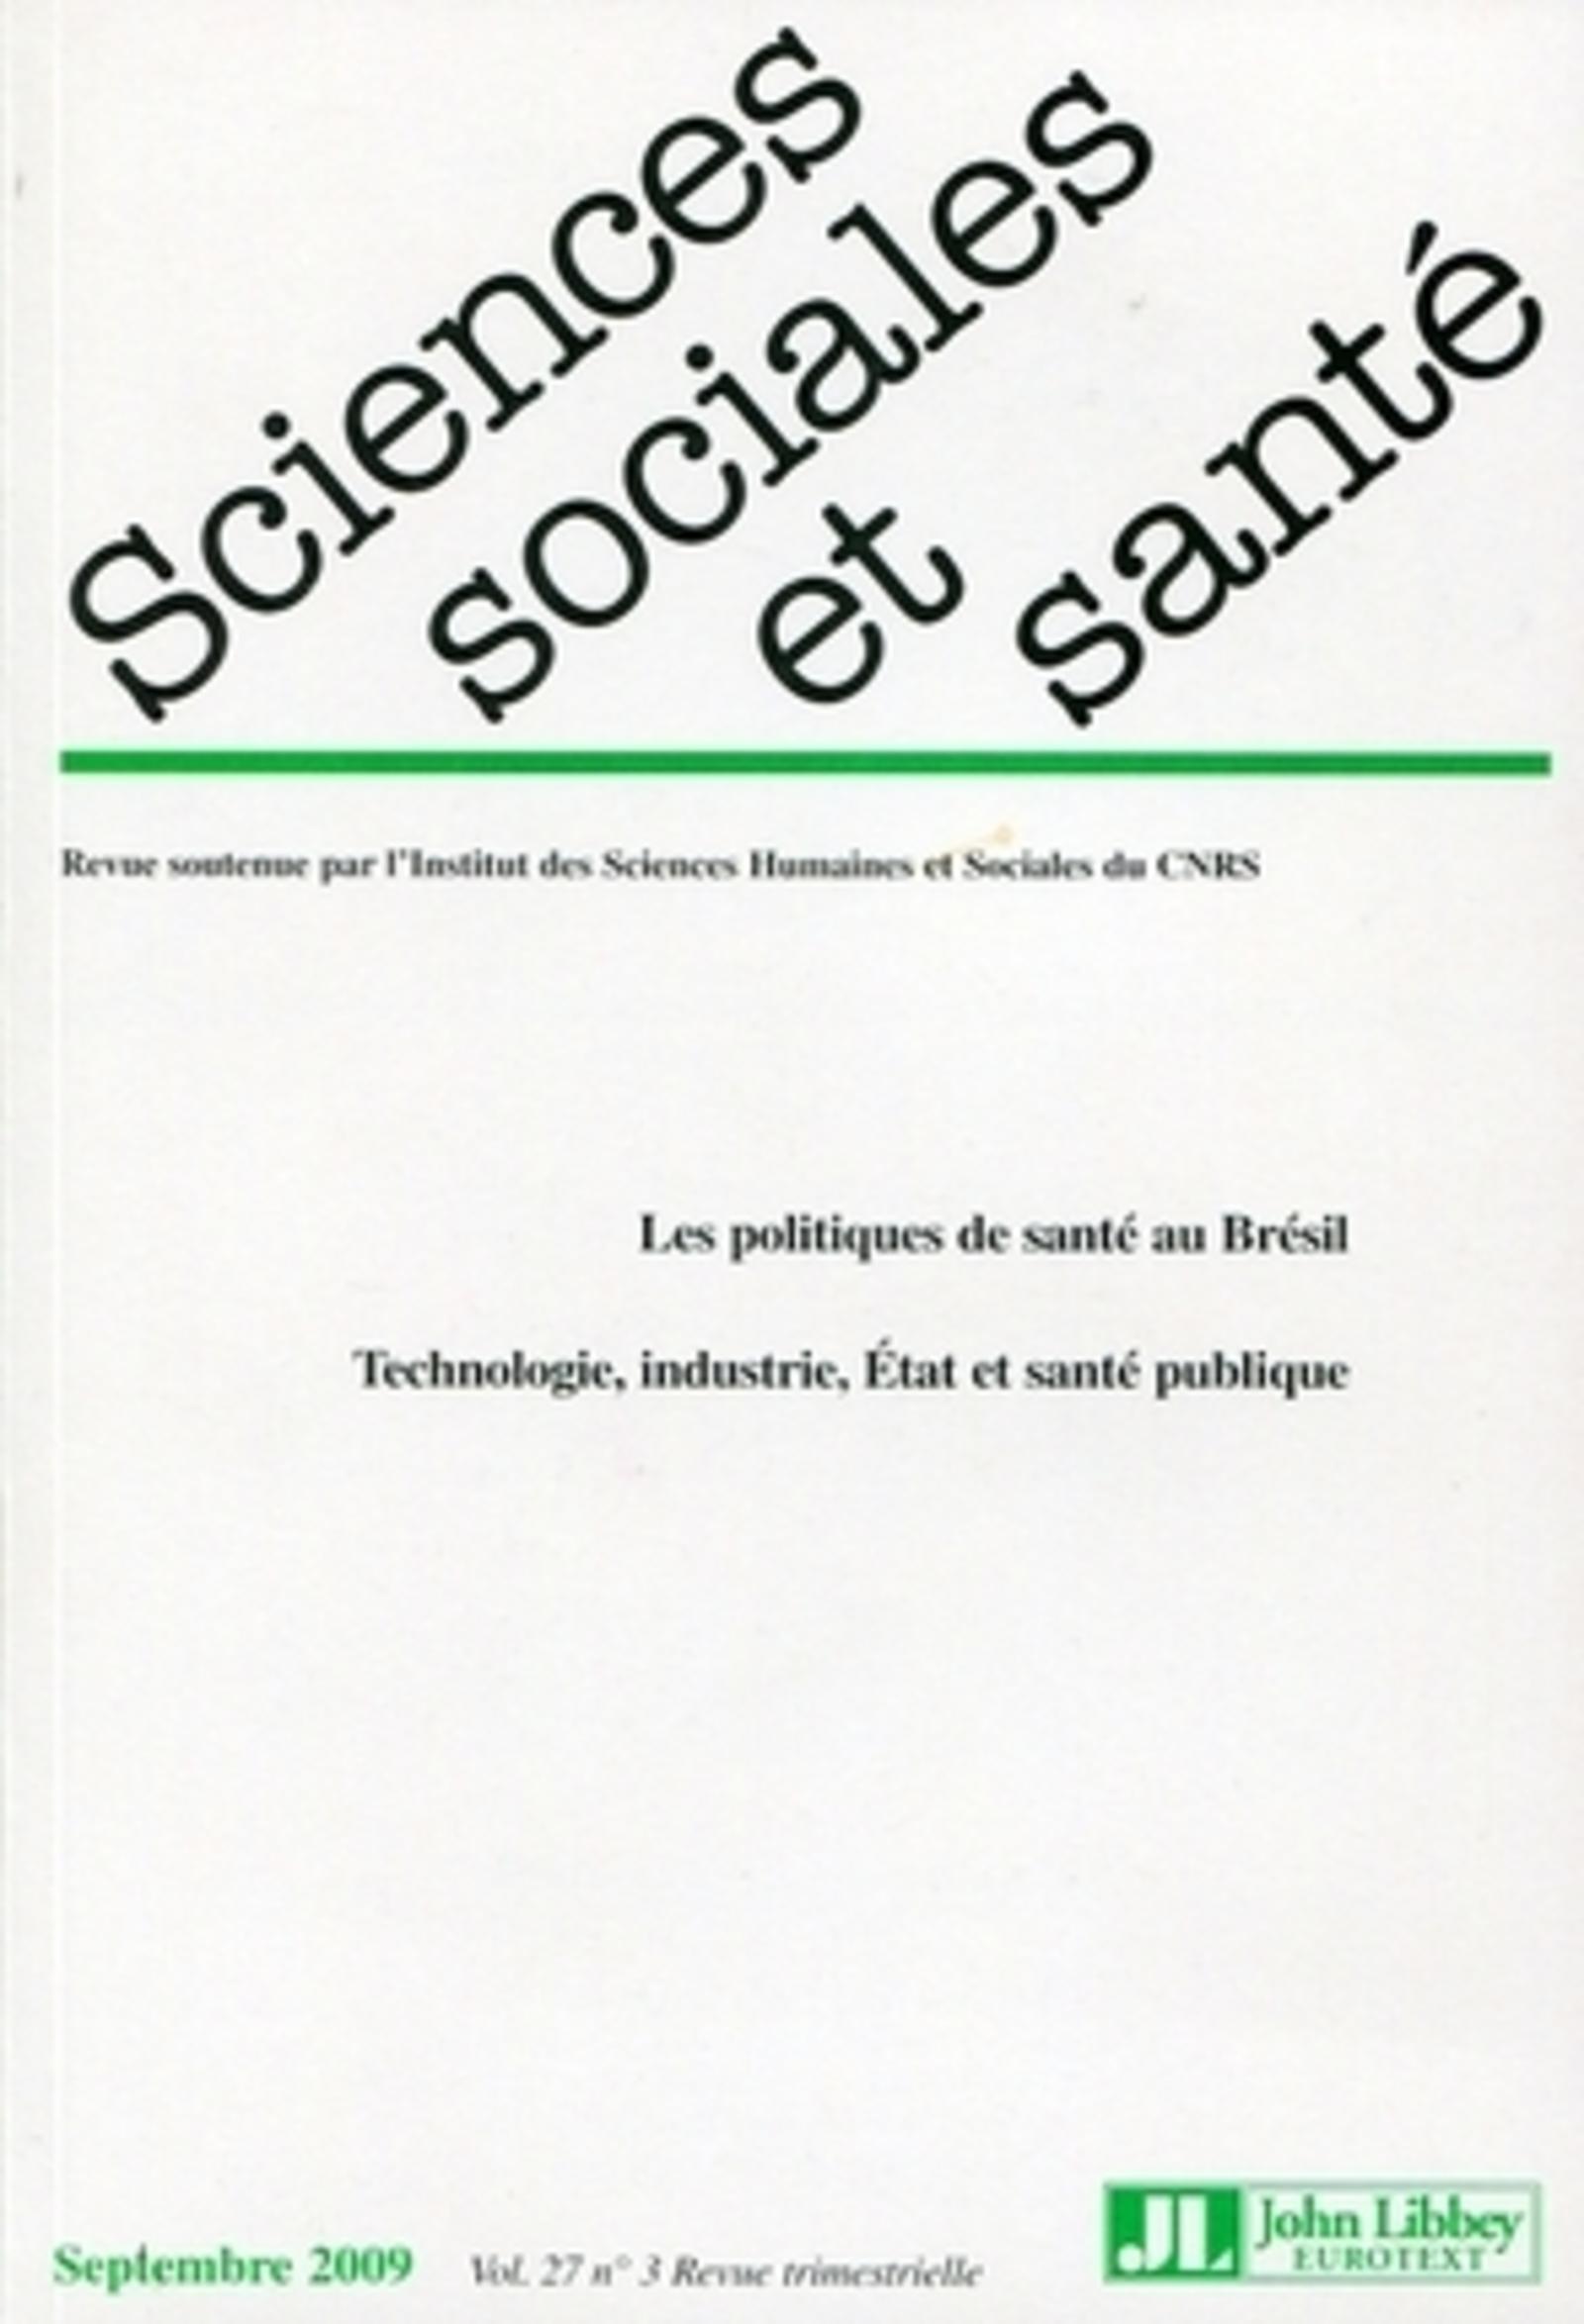 REVUE SCIENCES SOCIALES ET SANTE. SEPTEMBRE 2009. VOL 27. NO3. LES POLITIQUES DE - LES POLITIQUES DE